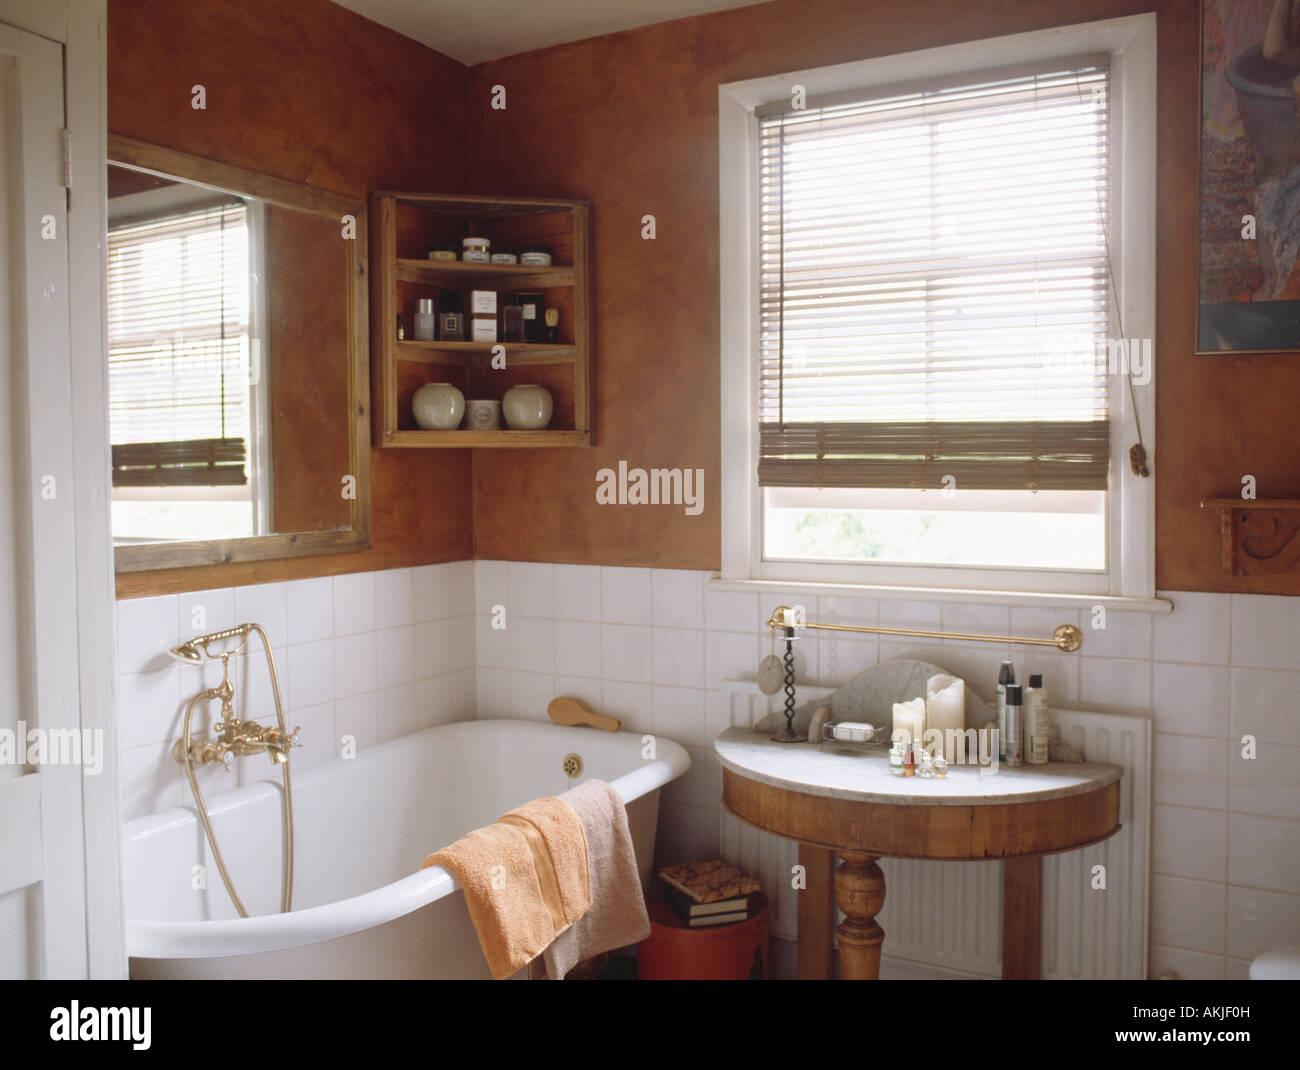 Antico lavabo in bagno con angolo di pino ripiani sopra bianco